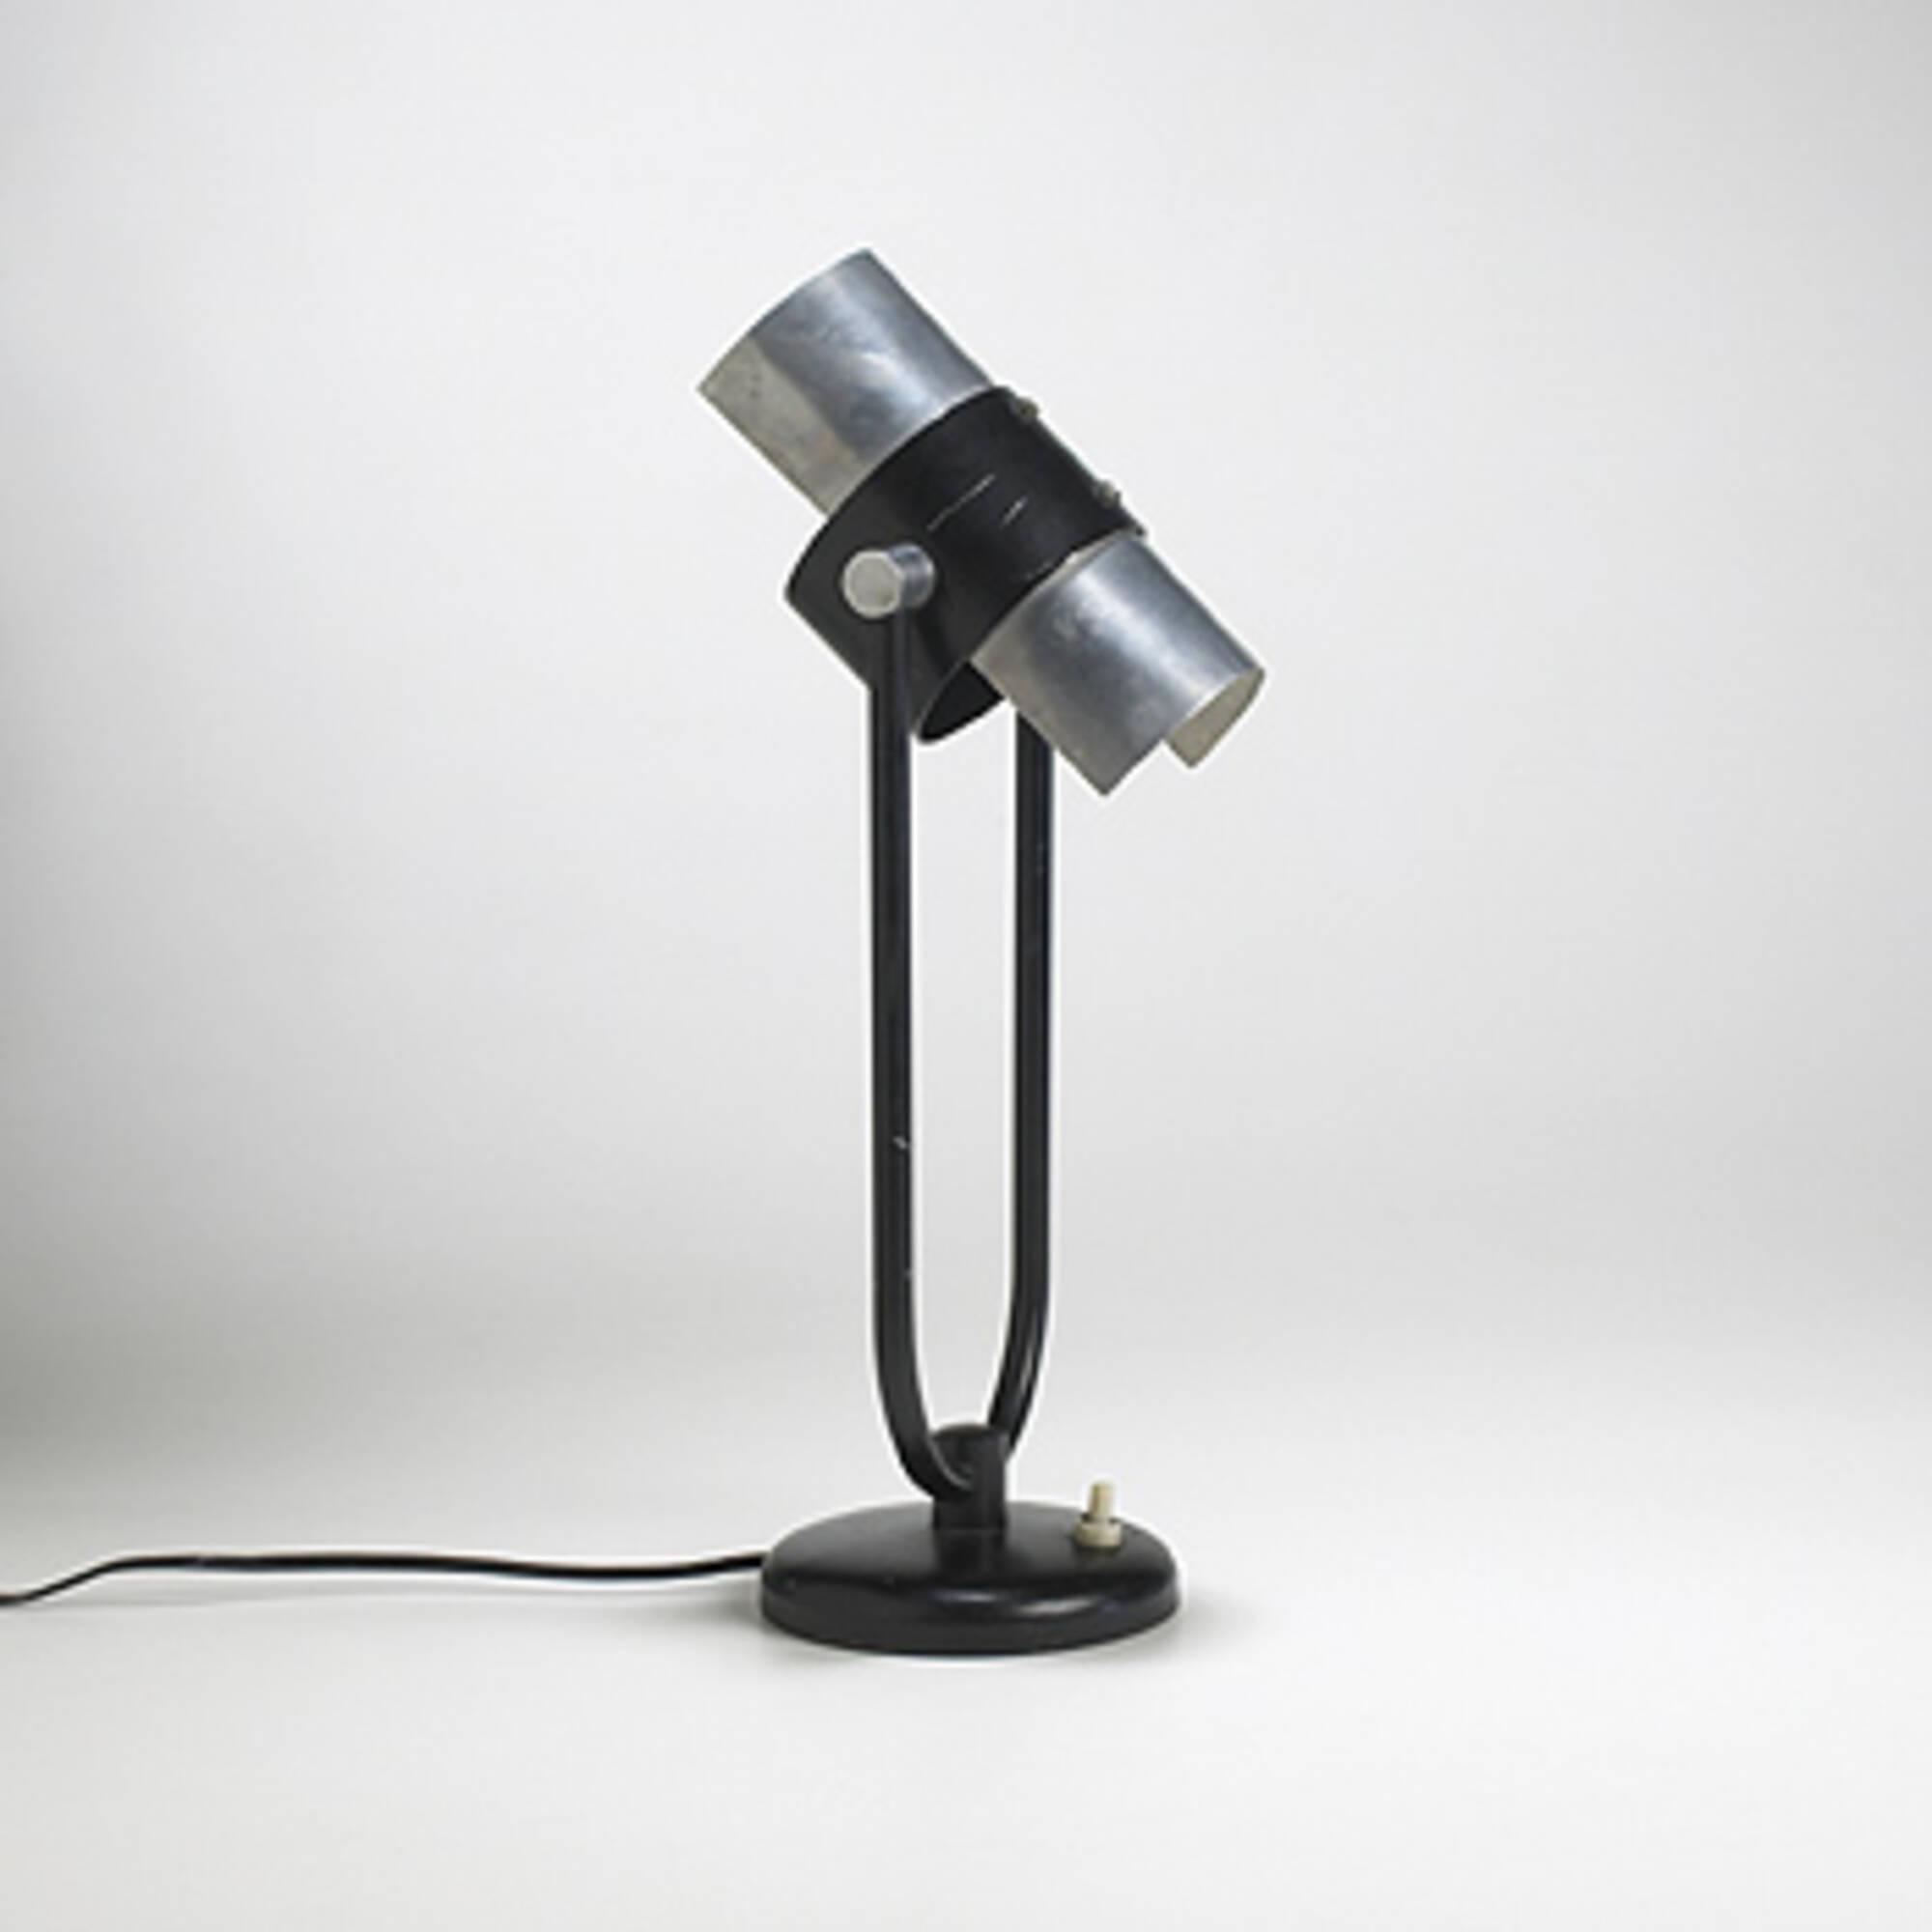 236 SERGE MOUILLE, Secretaire lampe